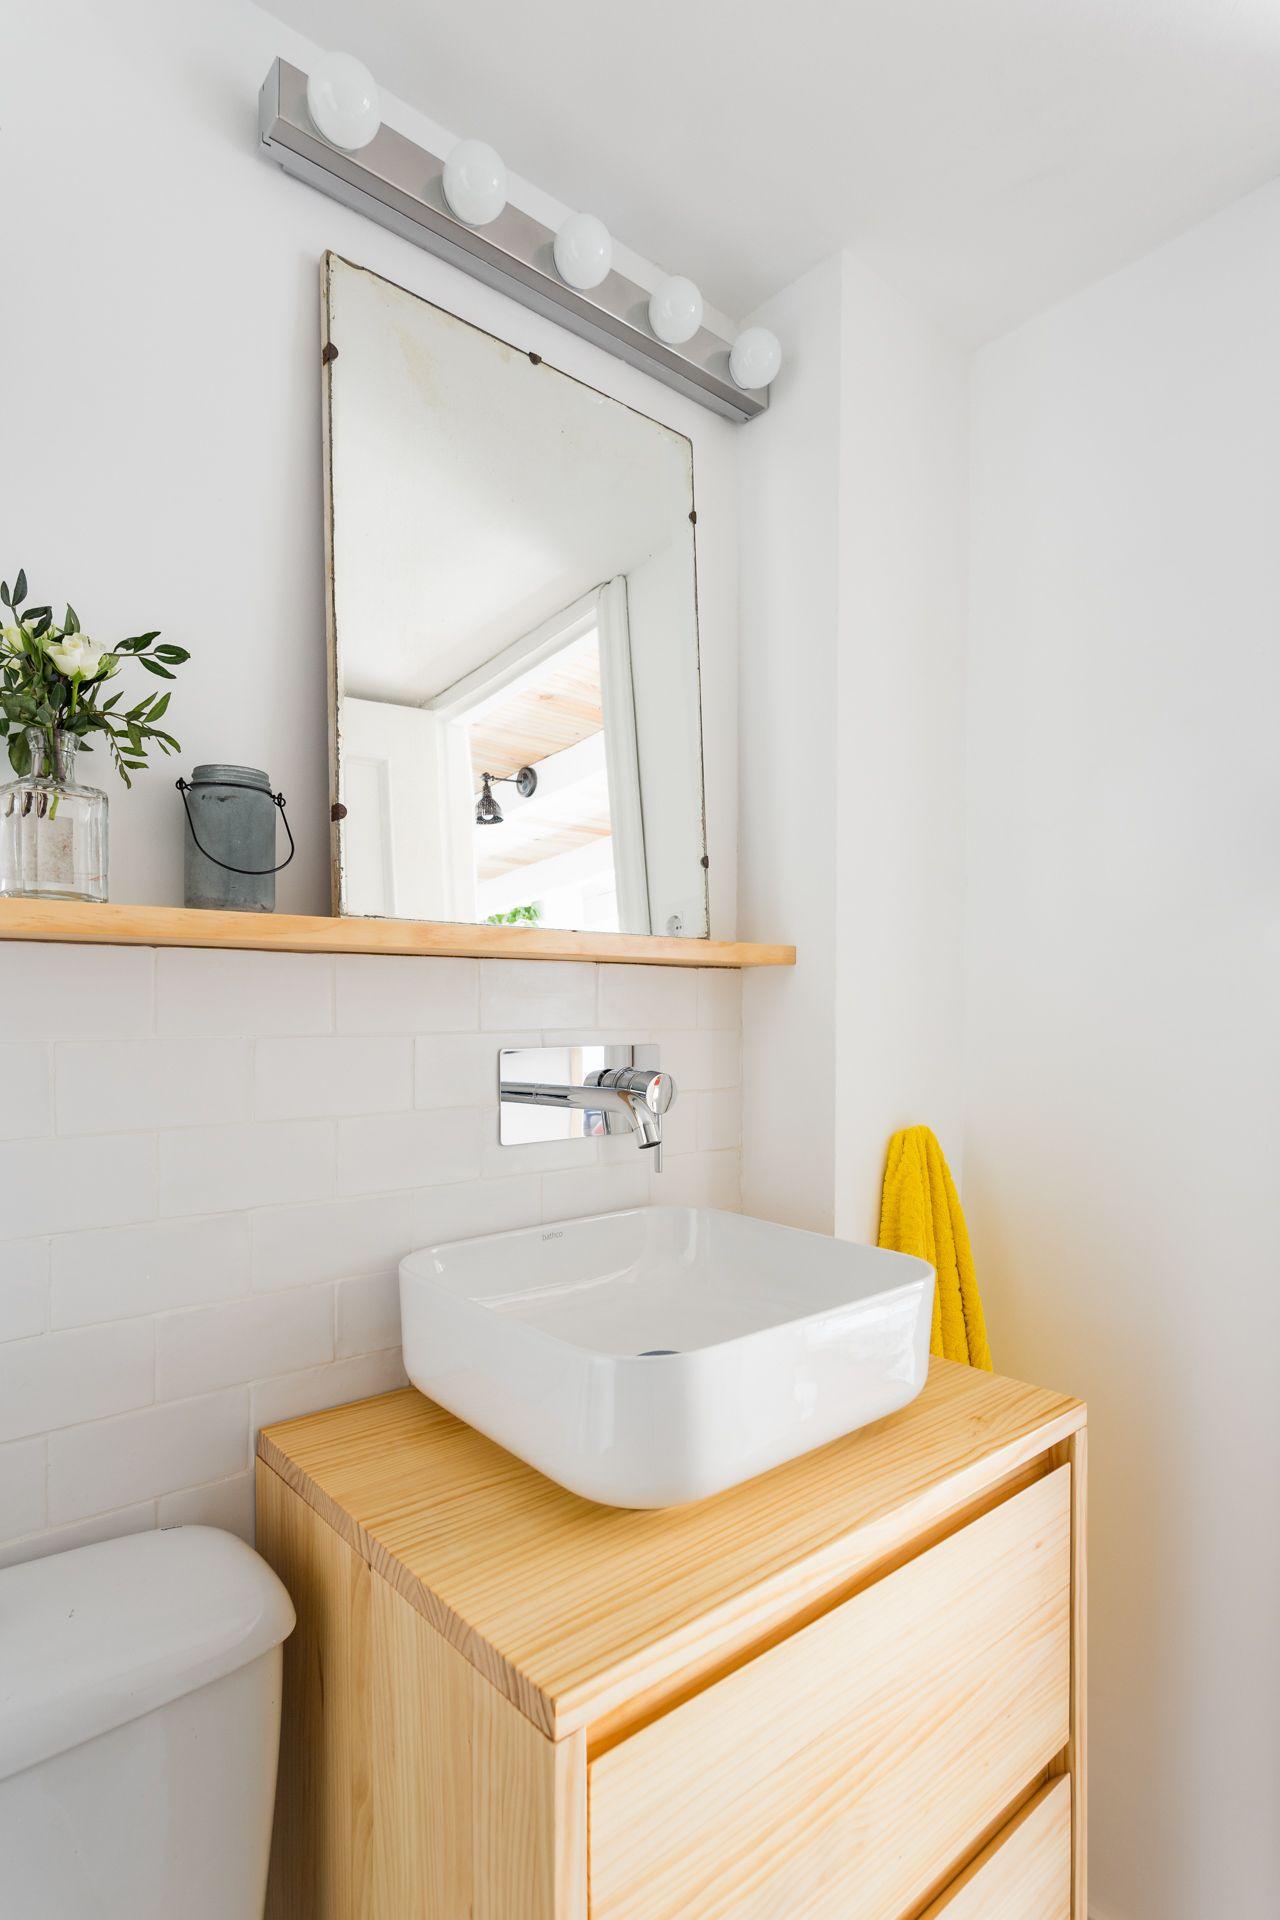 Baño buhardilla para alquiler vacacional. Abracadabra Decor Home Staging